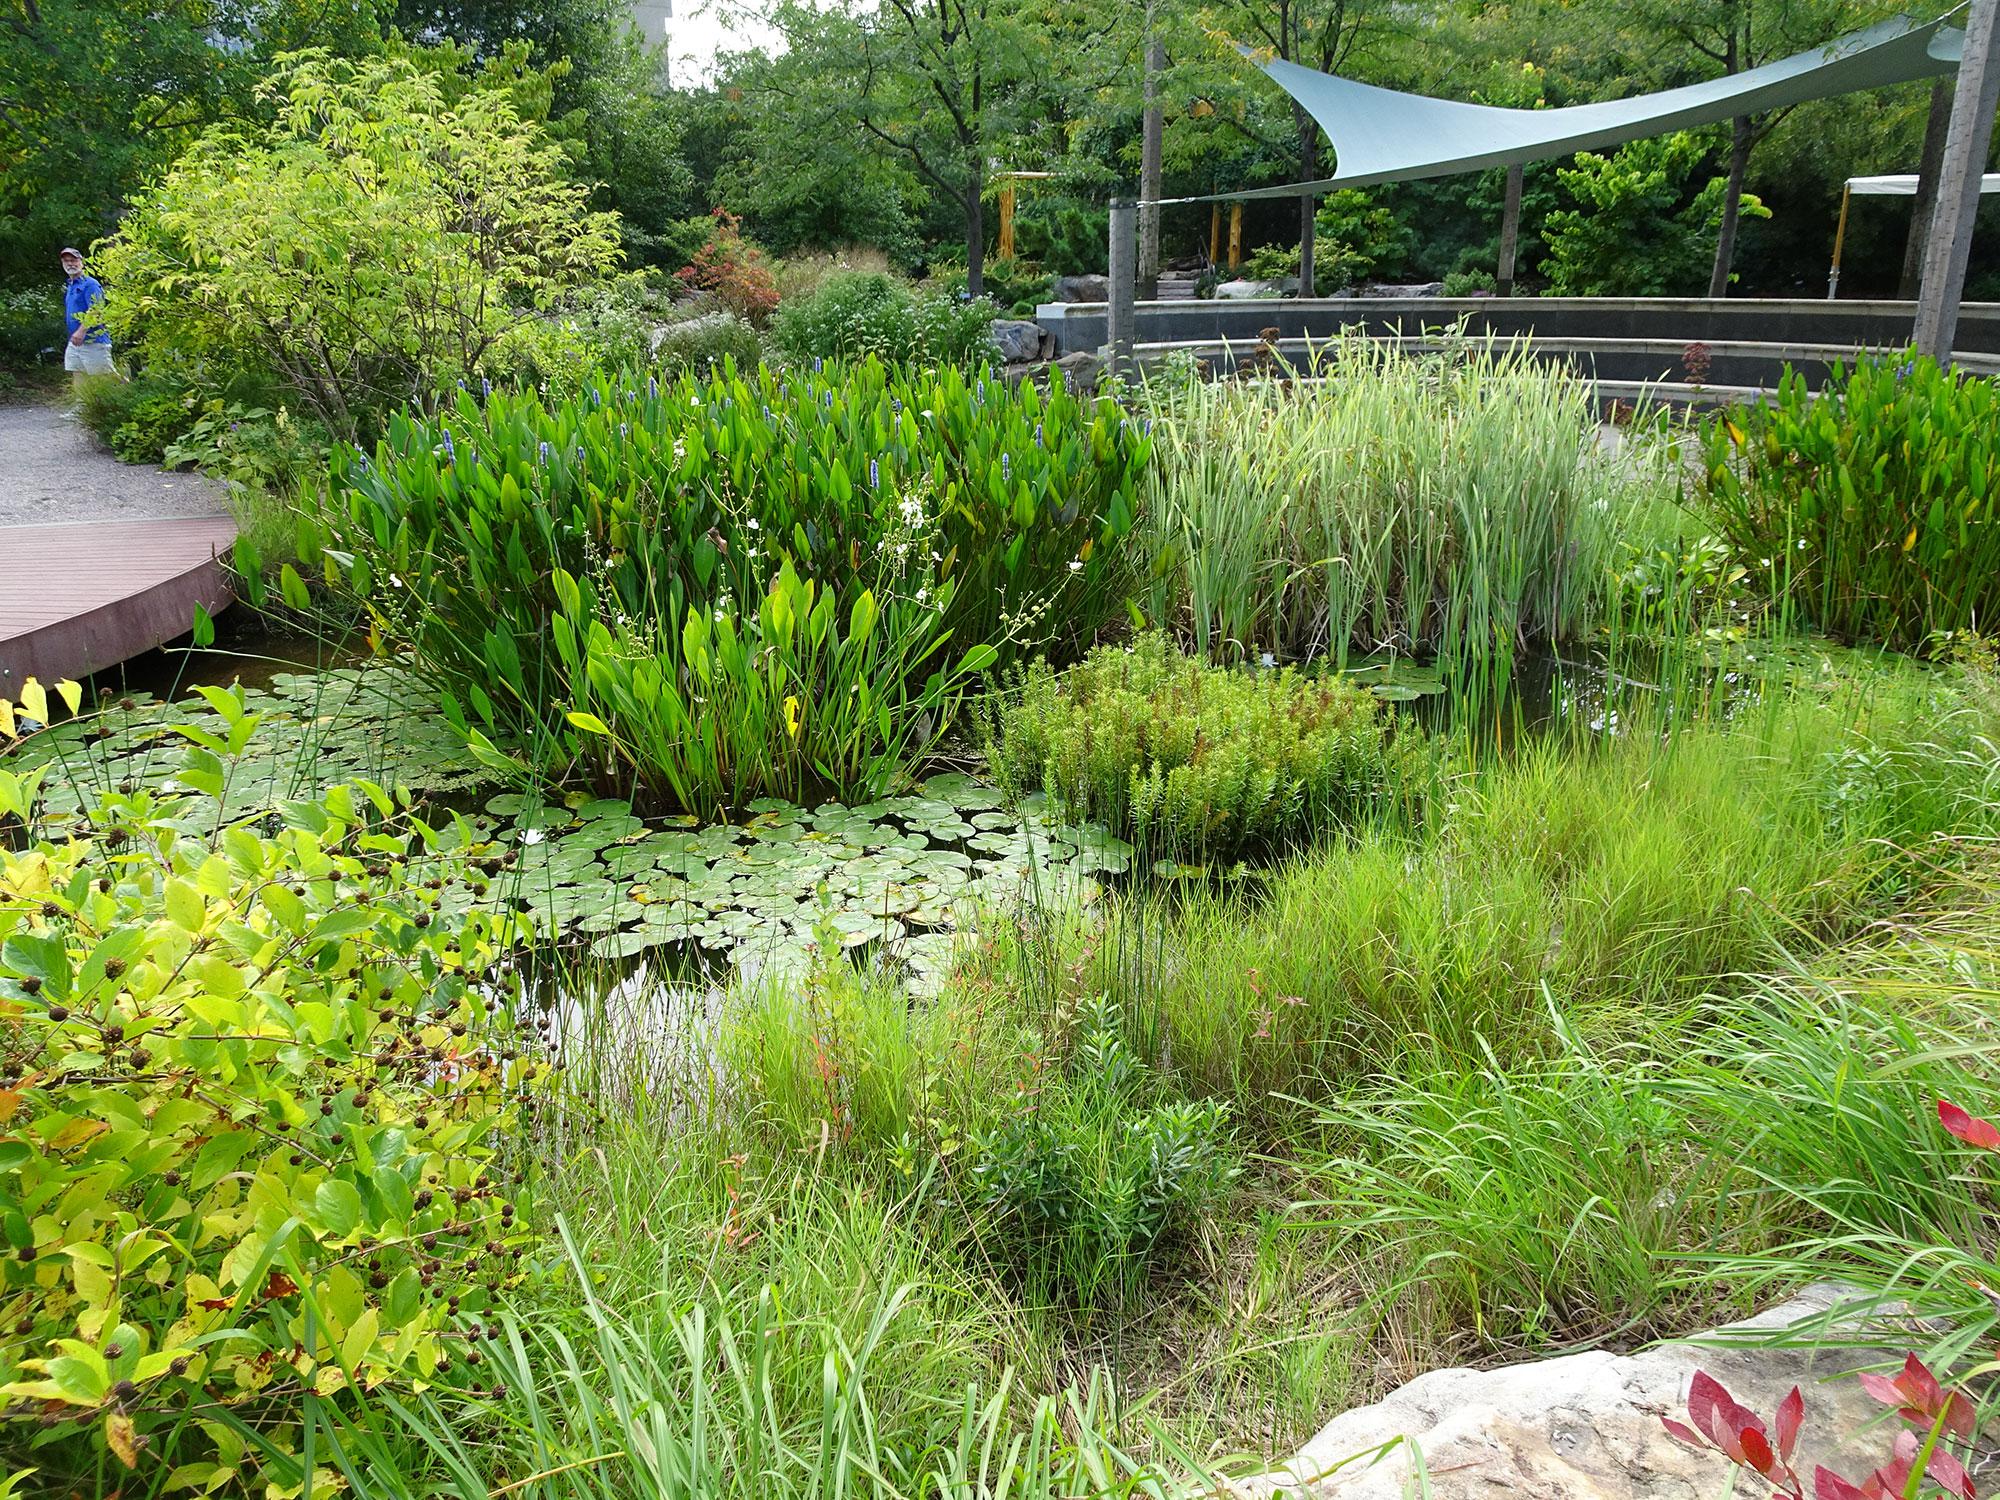 Giardino botanico di Washington